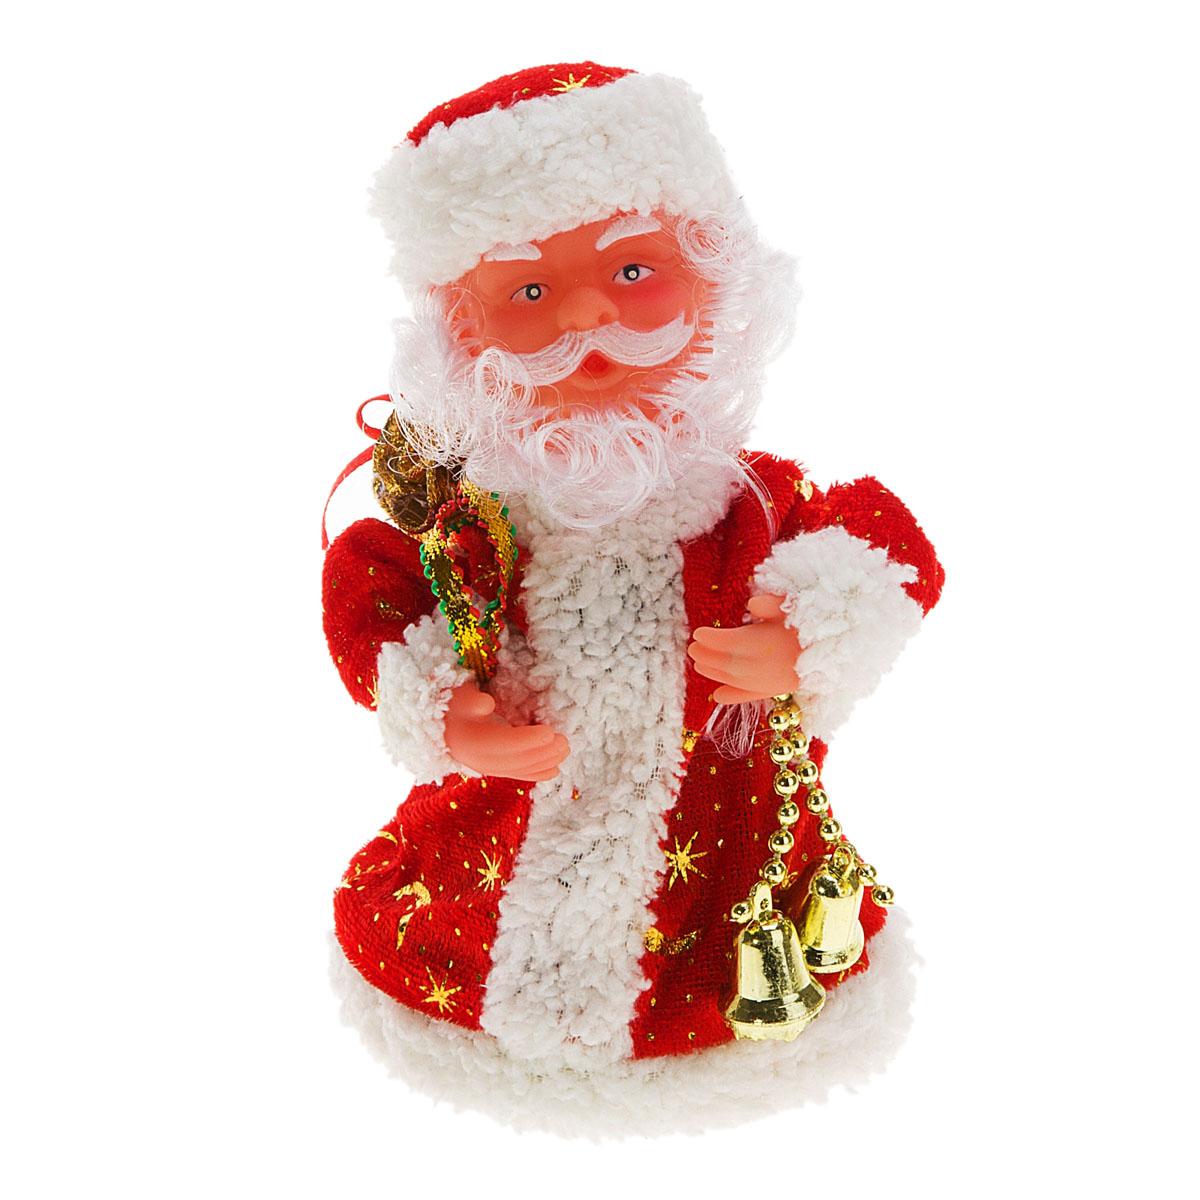 Новогодняя декоративная фигурка Sima-land Дед Мороз, анимированная, высота 18 см. 827789 новогодняя декоративная фигурка sima land дед мороз анимированная высота 28 см 827820